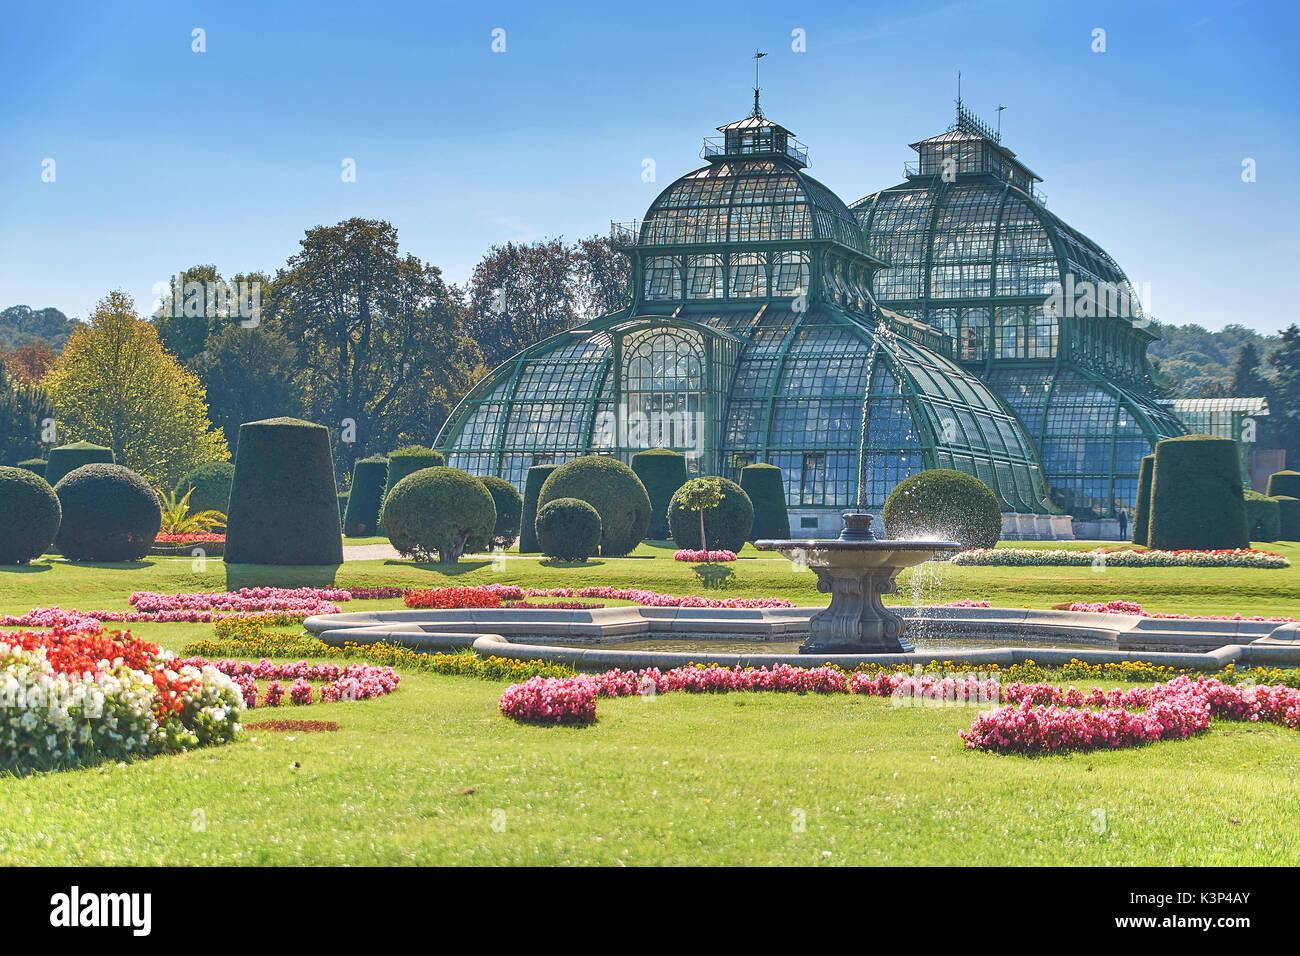 Vienna, Austria - 24 Settembre 2014: giardino botanico vicino al Palazzo di Schonbrunn a Vienna Immagini Stock